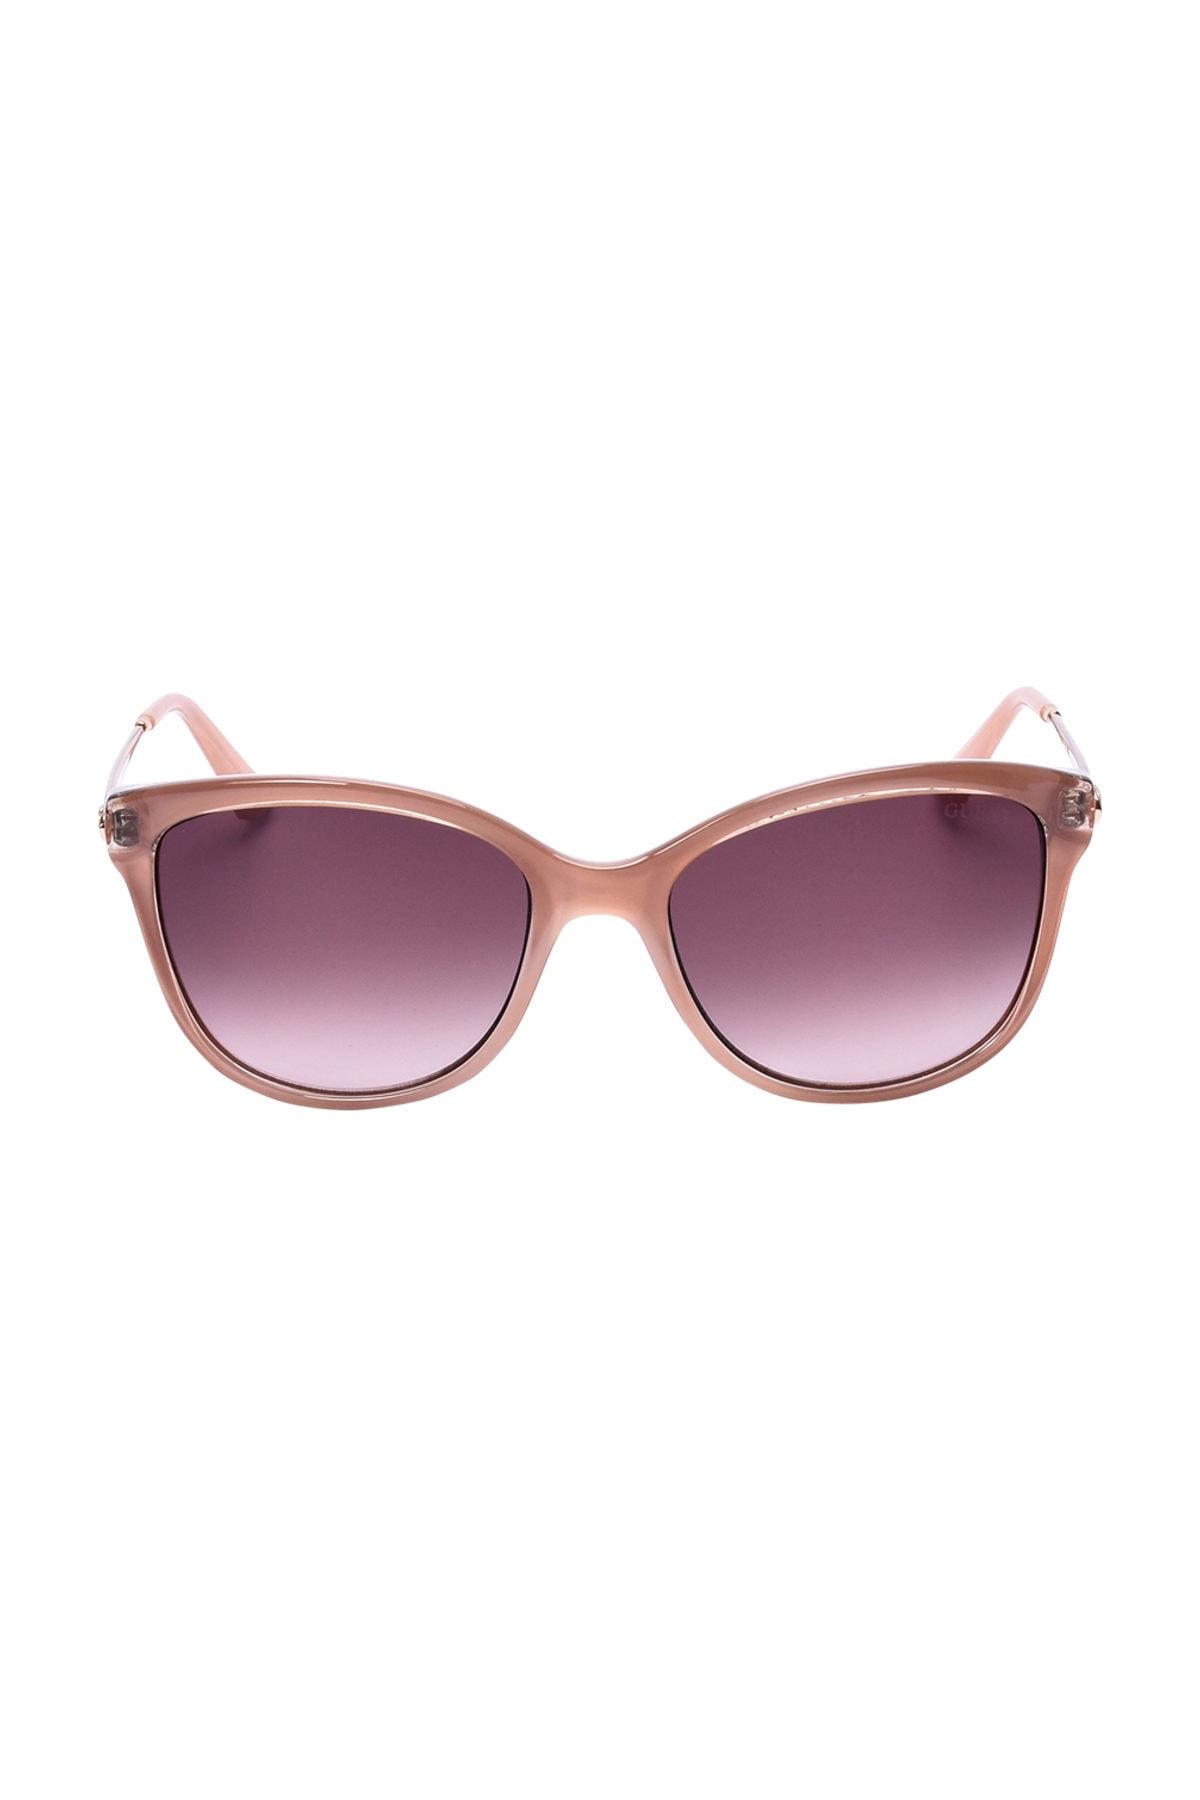 خرید عینک آفتابی غیرحضوری برند Guess کد ty731847